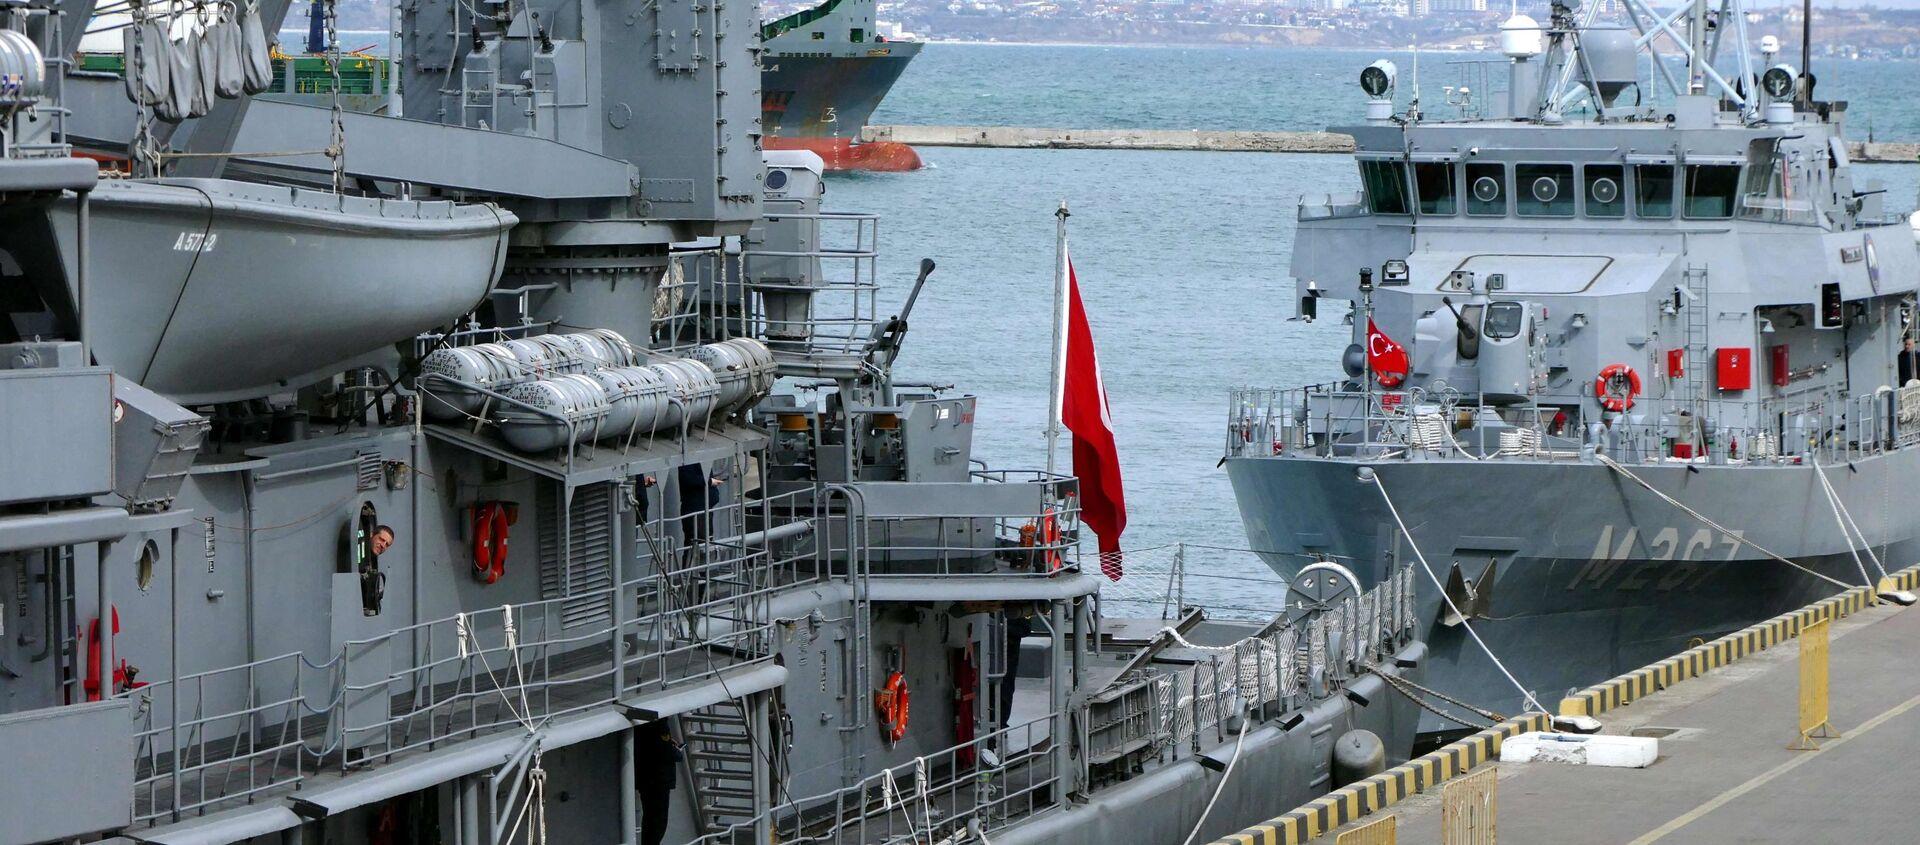 Turecki flagowy okręt szkoleniowy A577 TCG Sokullu Mehmet Pasa w porcie w Odessie - Sputnik Polska, 1920, 21.05.2021